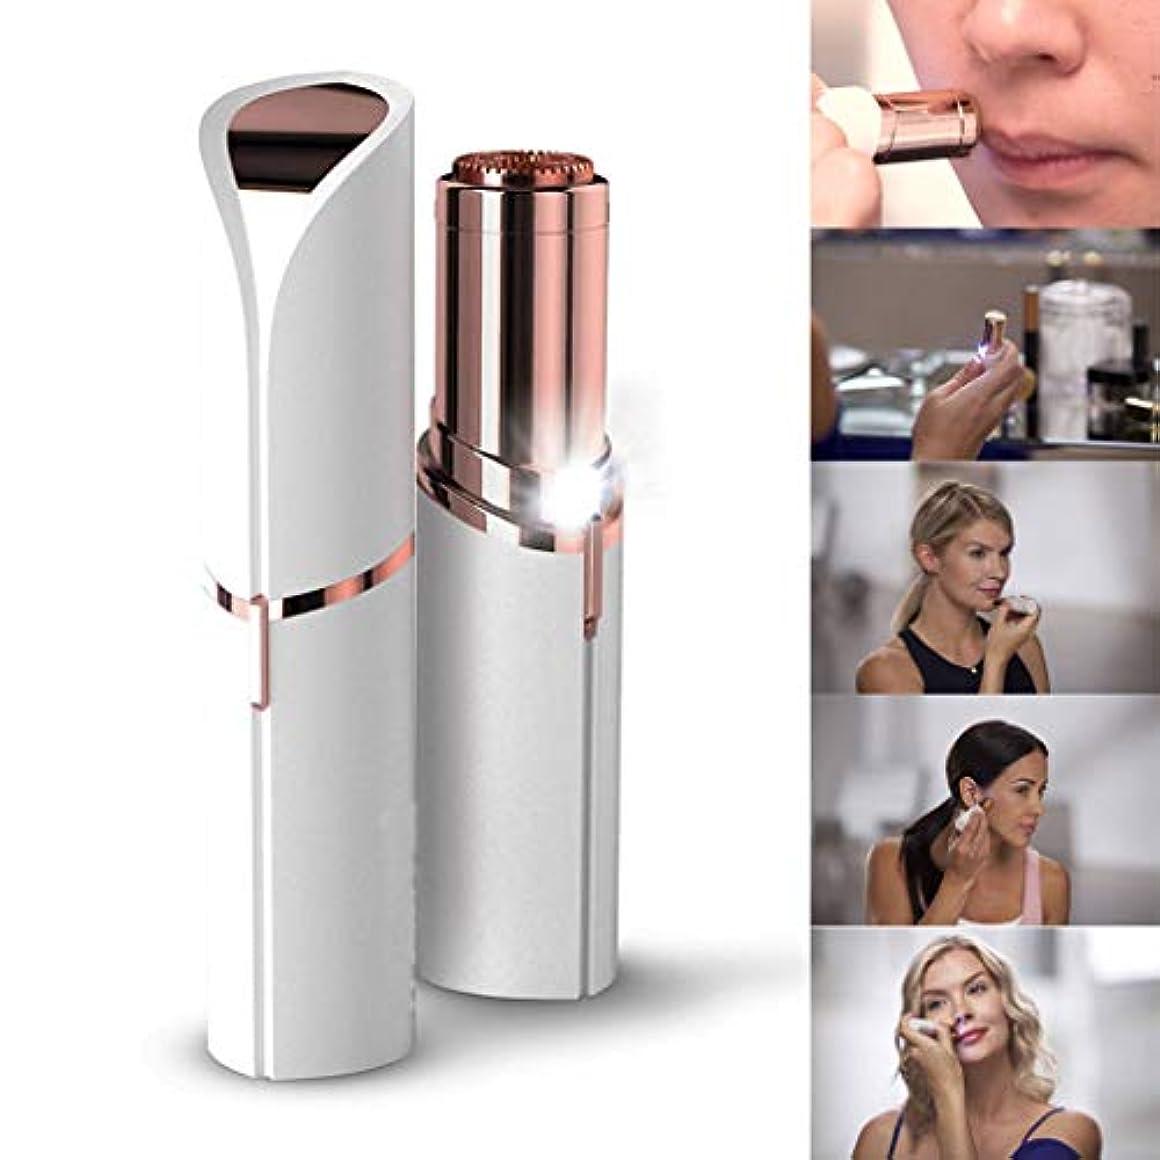 果てしない深い移動する女性のための顔用ヘアトリマー、女性の無痛脱毛かみそり脱毛器ポータブル電気顔用ヘアリムーバル(電池式)